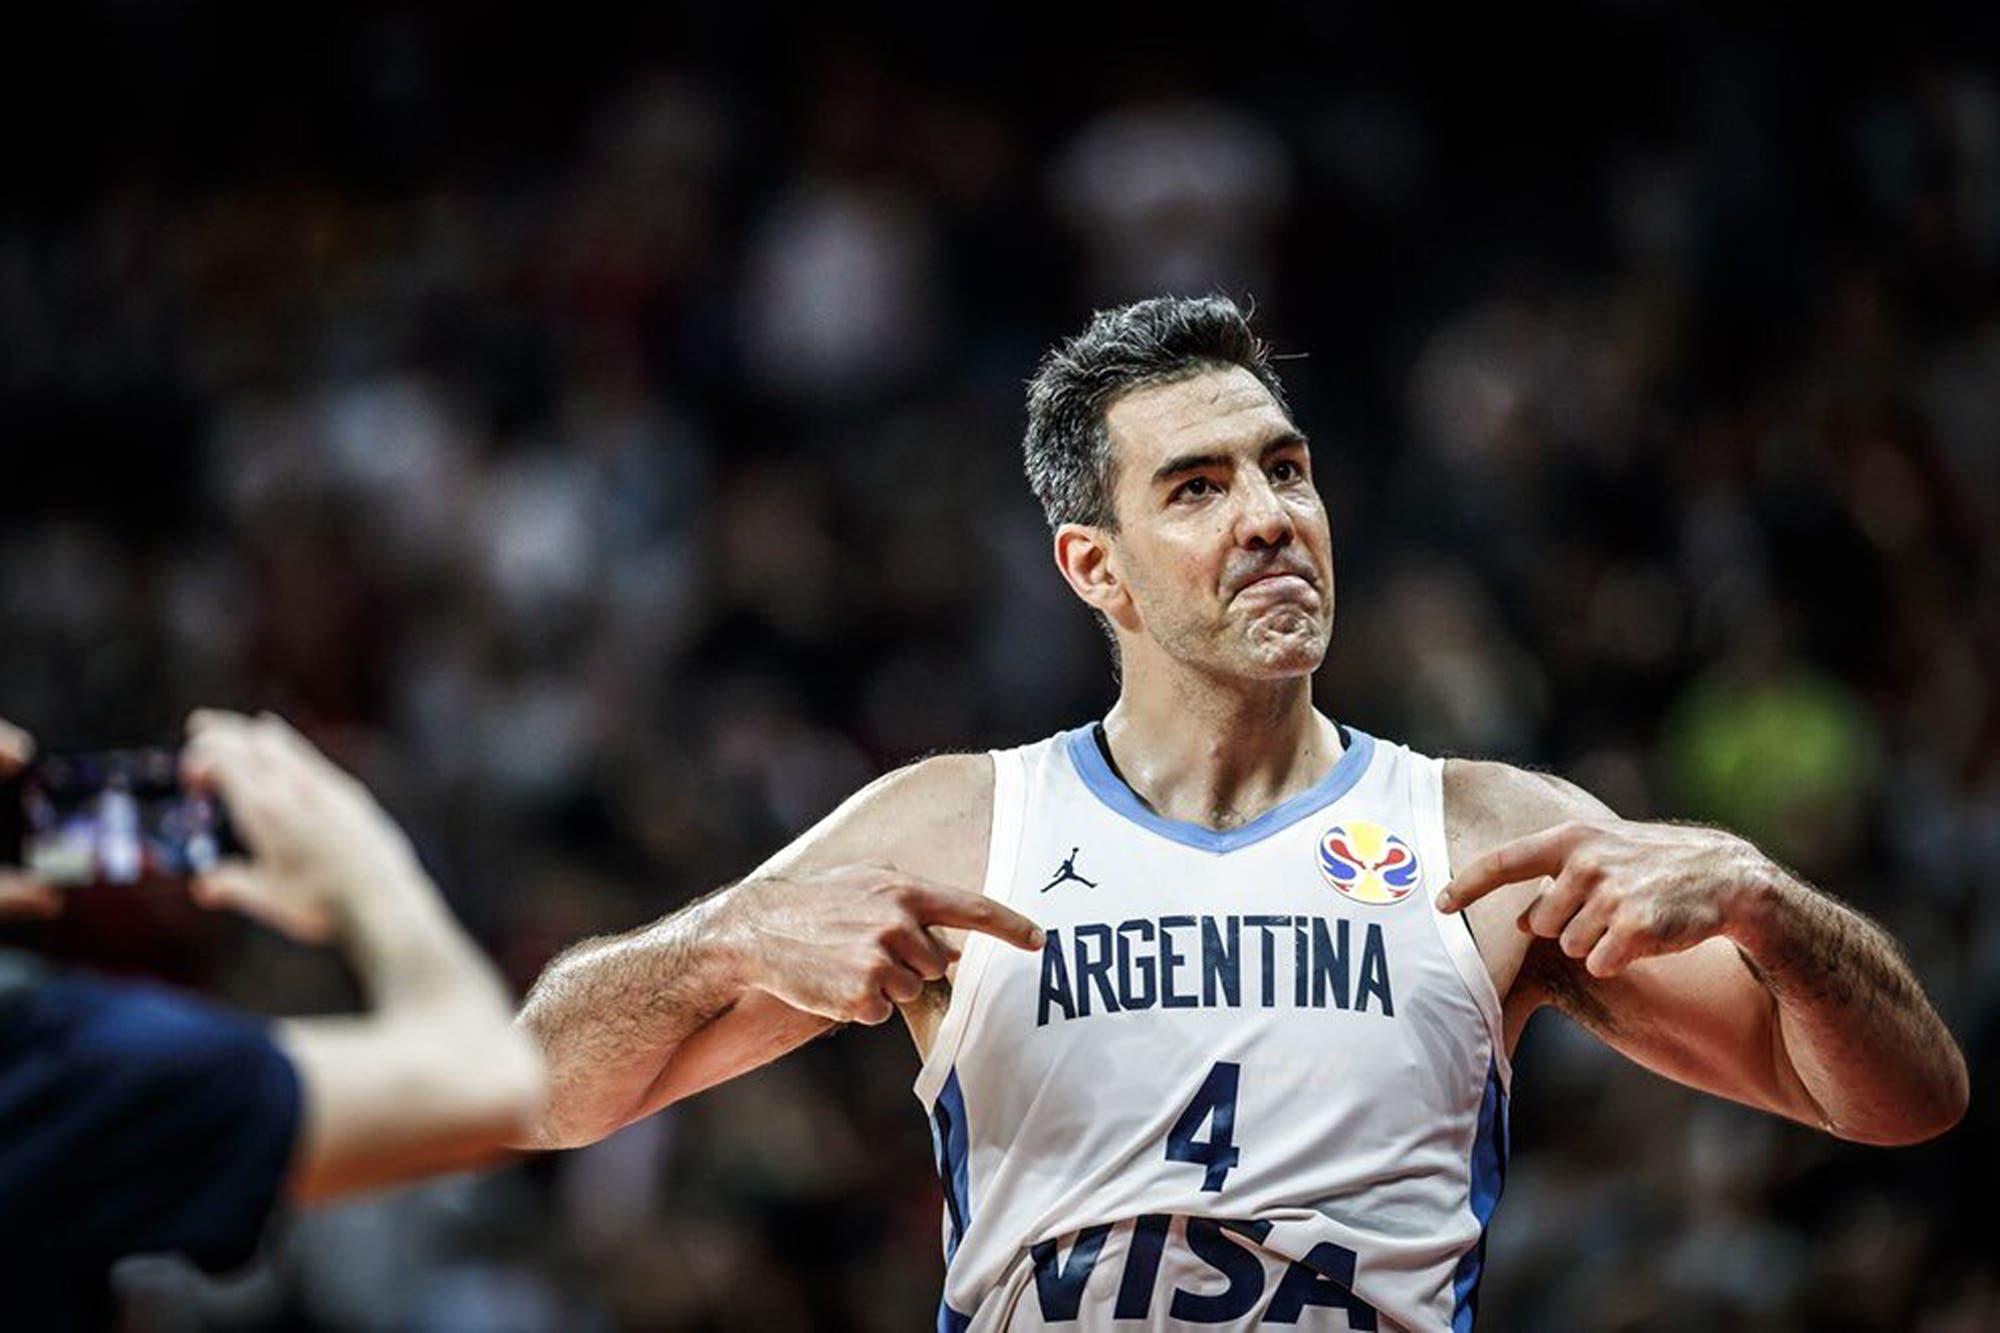 Mundial de básquet. ¡Histórico! Argentina le ganó a Francia y jugará la final contra España el domingo